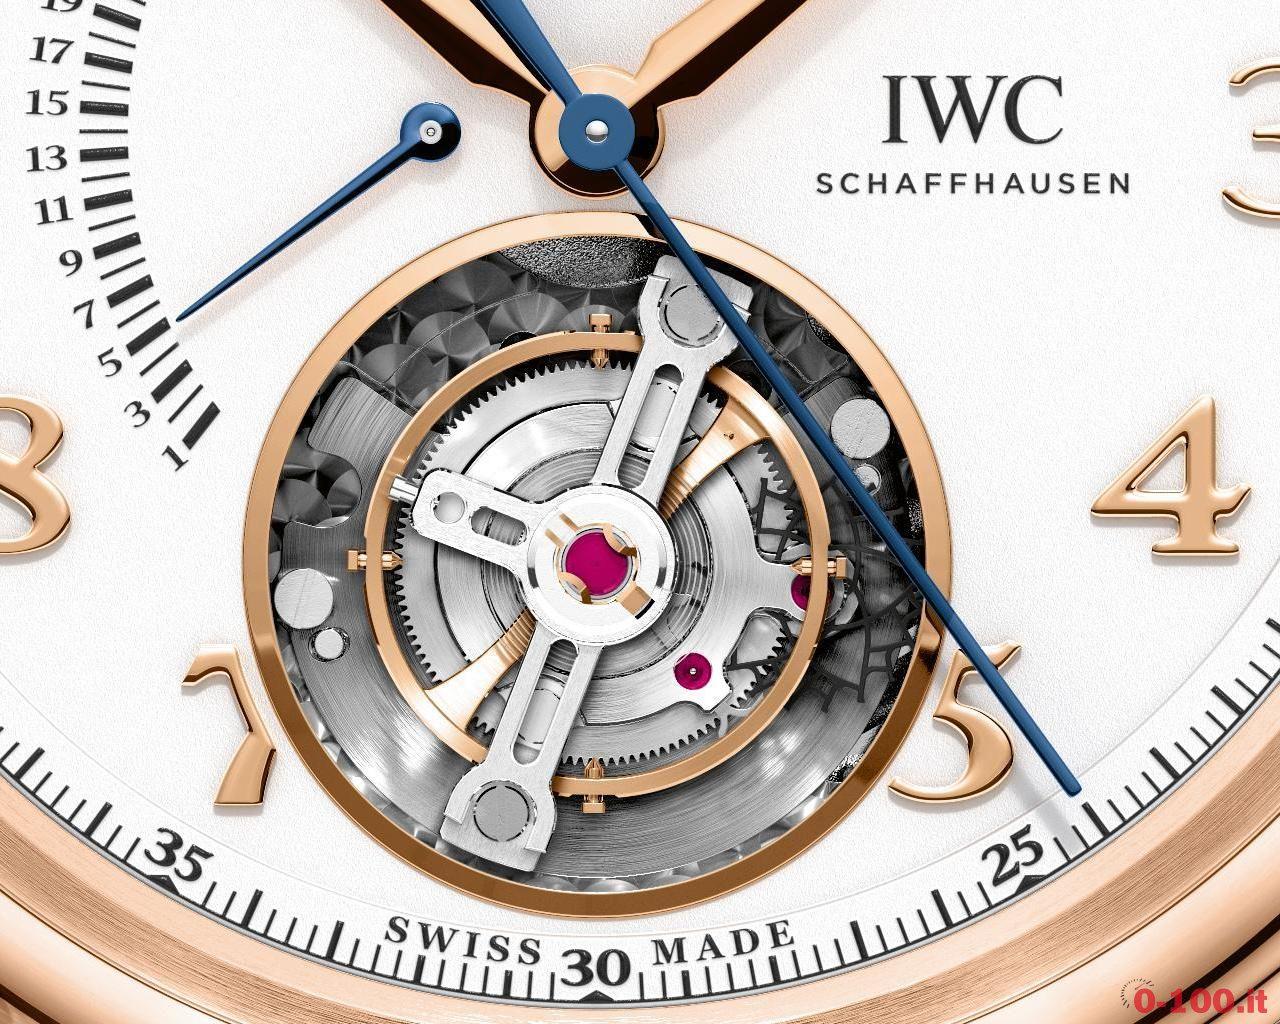 sihh-2017-iwc-da-vinci-tourbillon-retrograde-chronograph-in-oro-rosso-18kt-ref-iw393101_0-1007